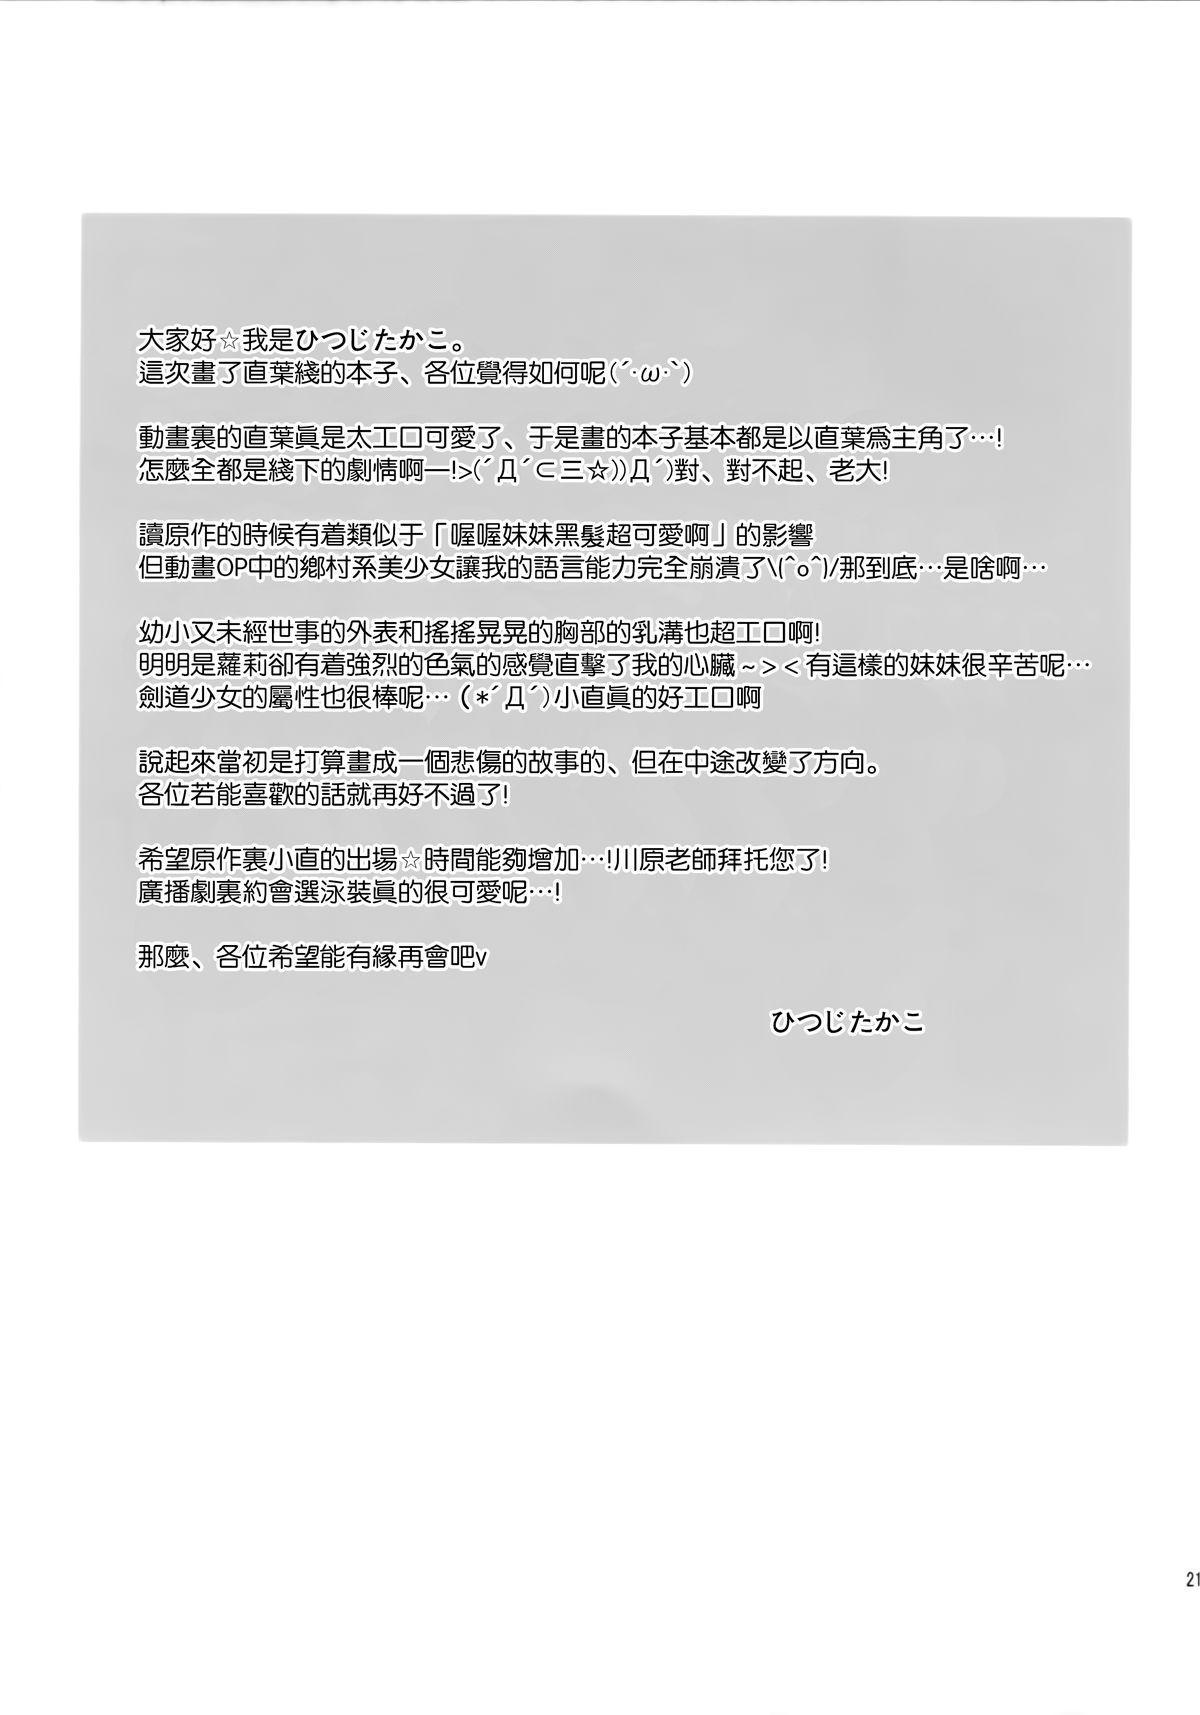 Chichikuri Online 19